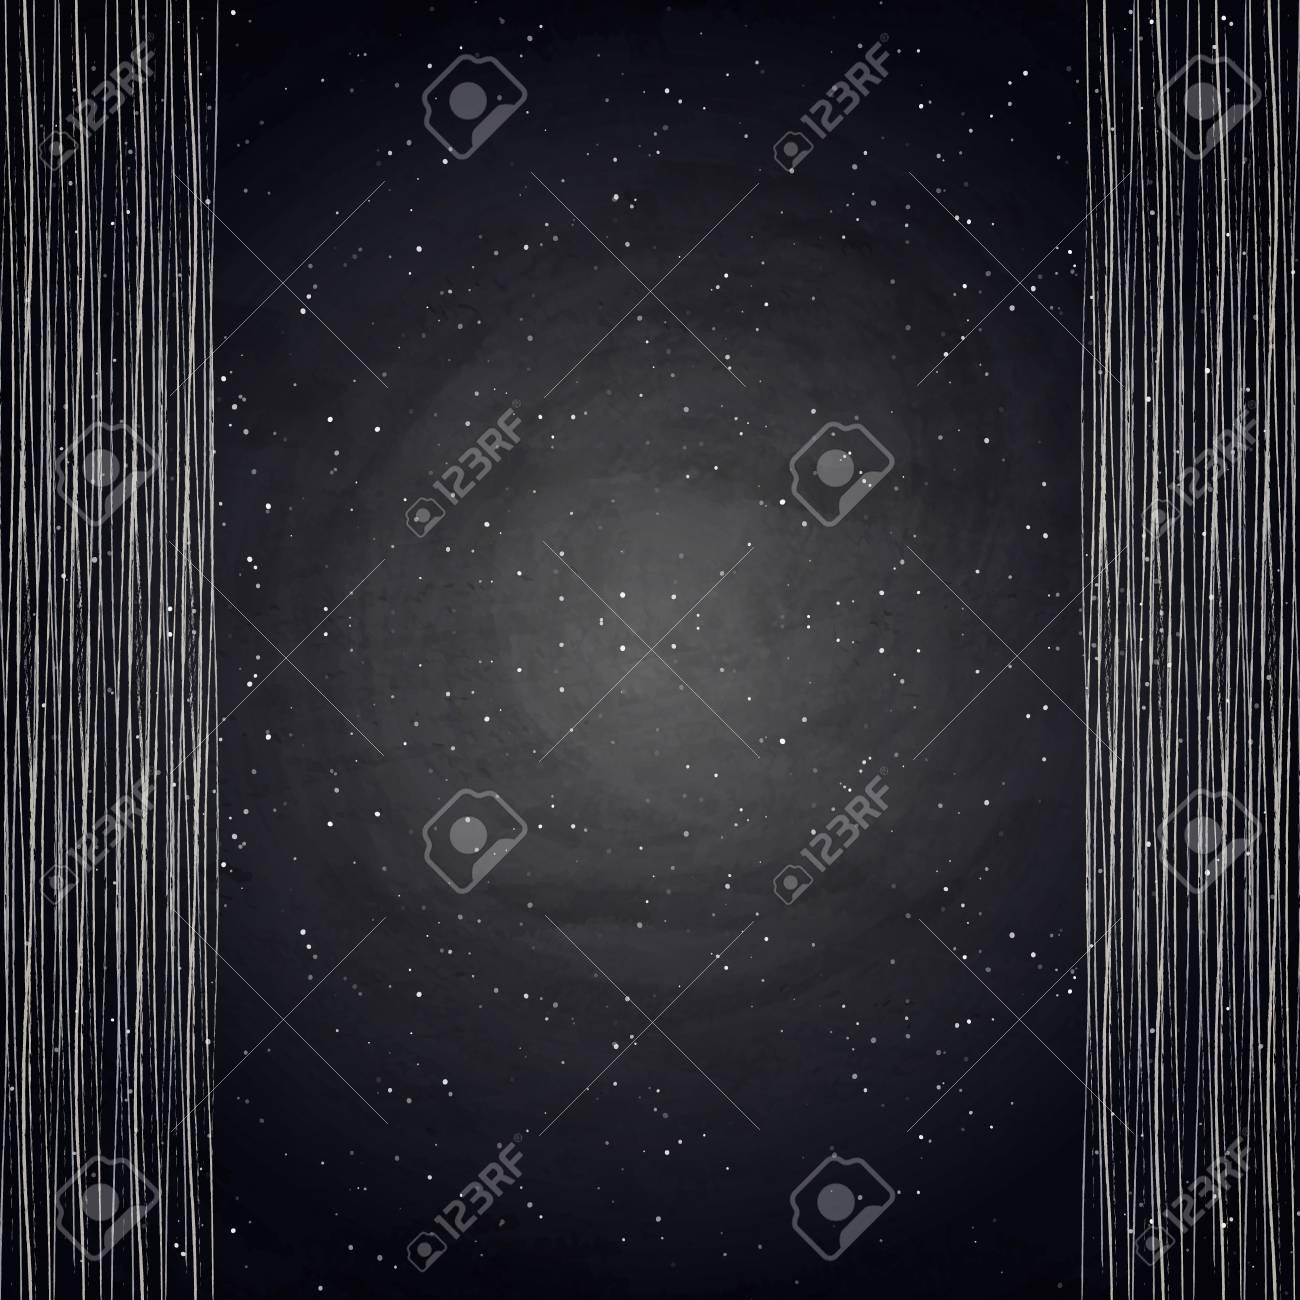 empty border on blackboard chalkboard background vector